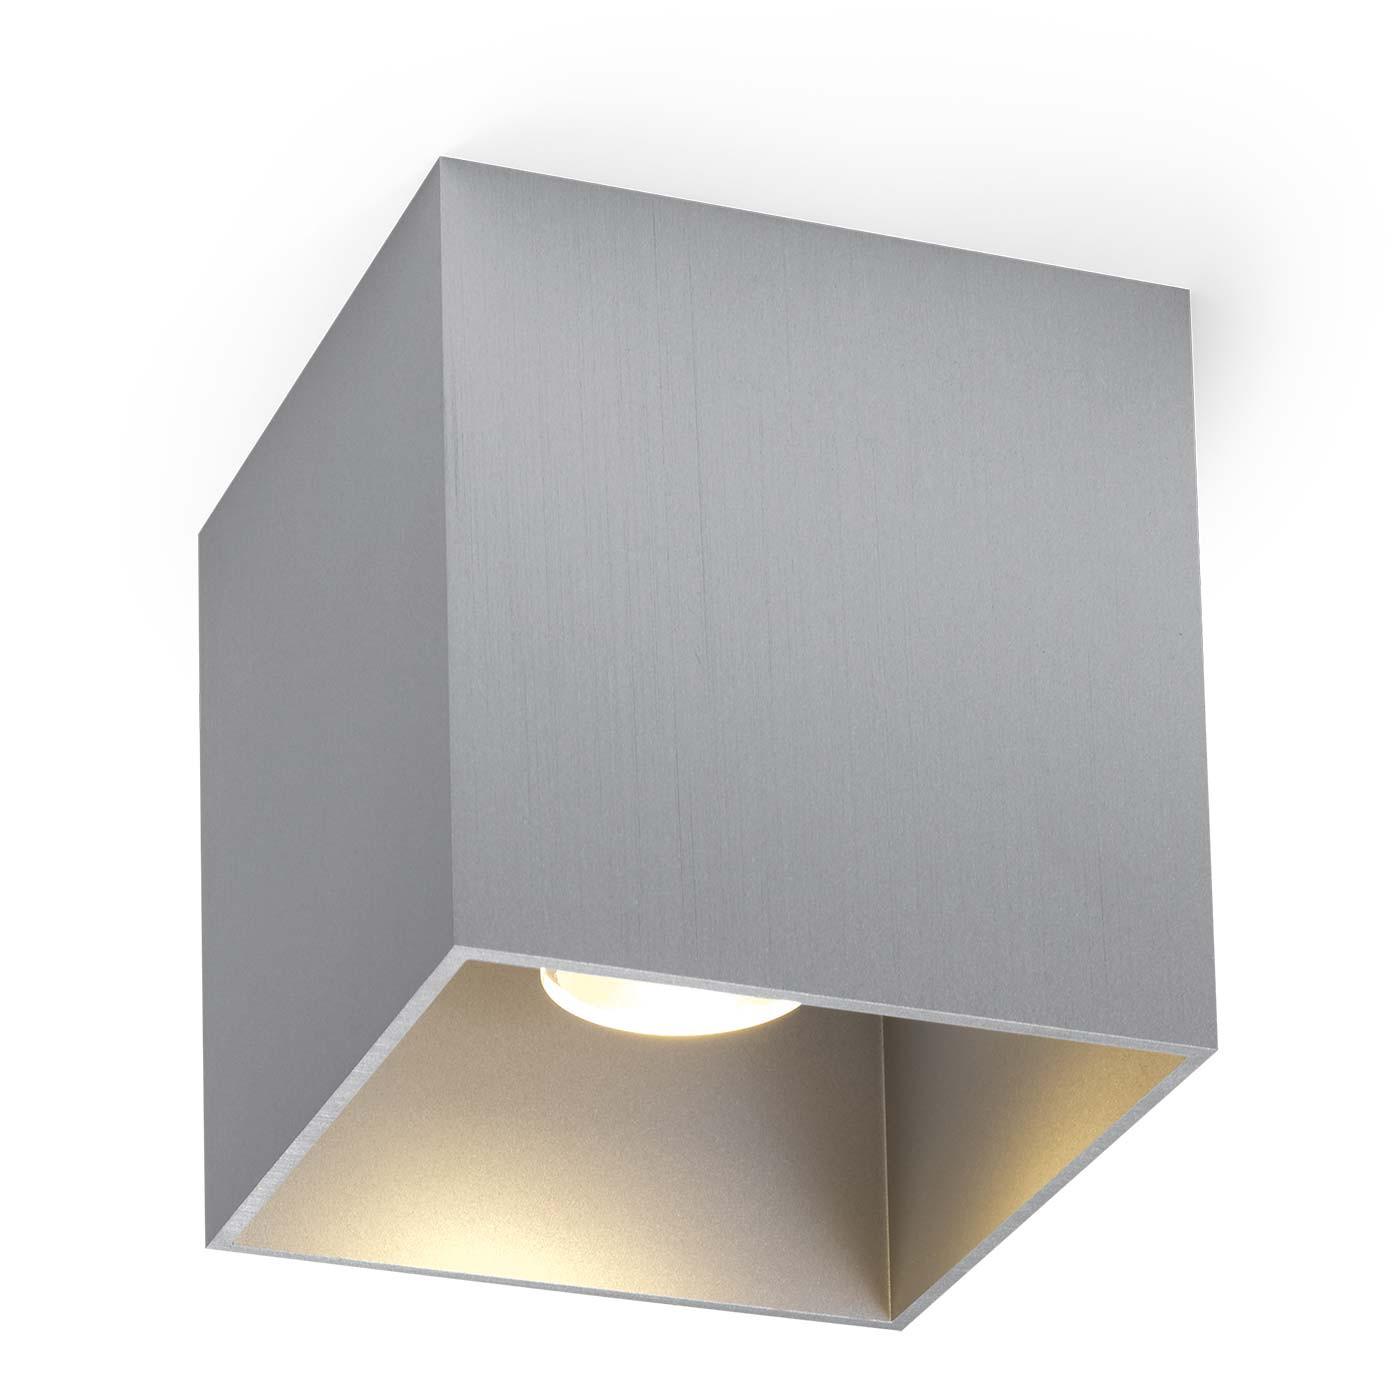 Wever & Ducré Box 1.0 Plafonnier 2700K